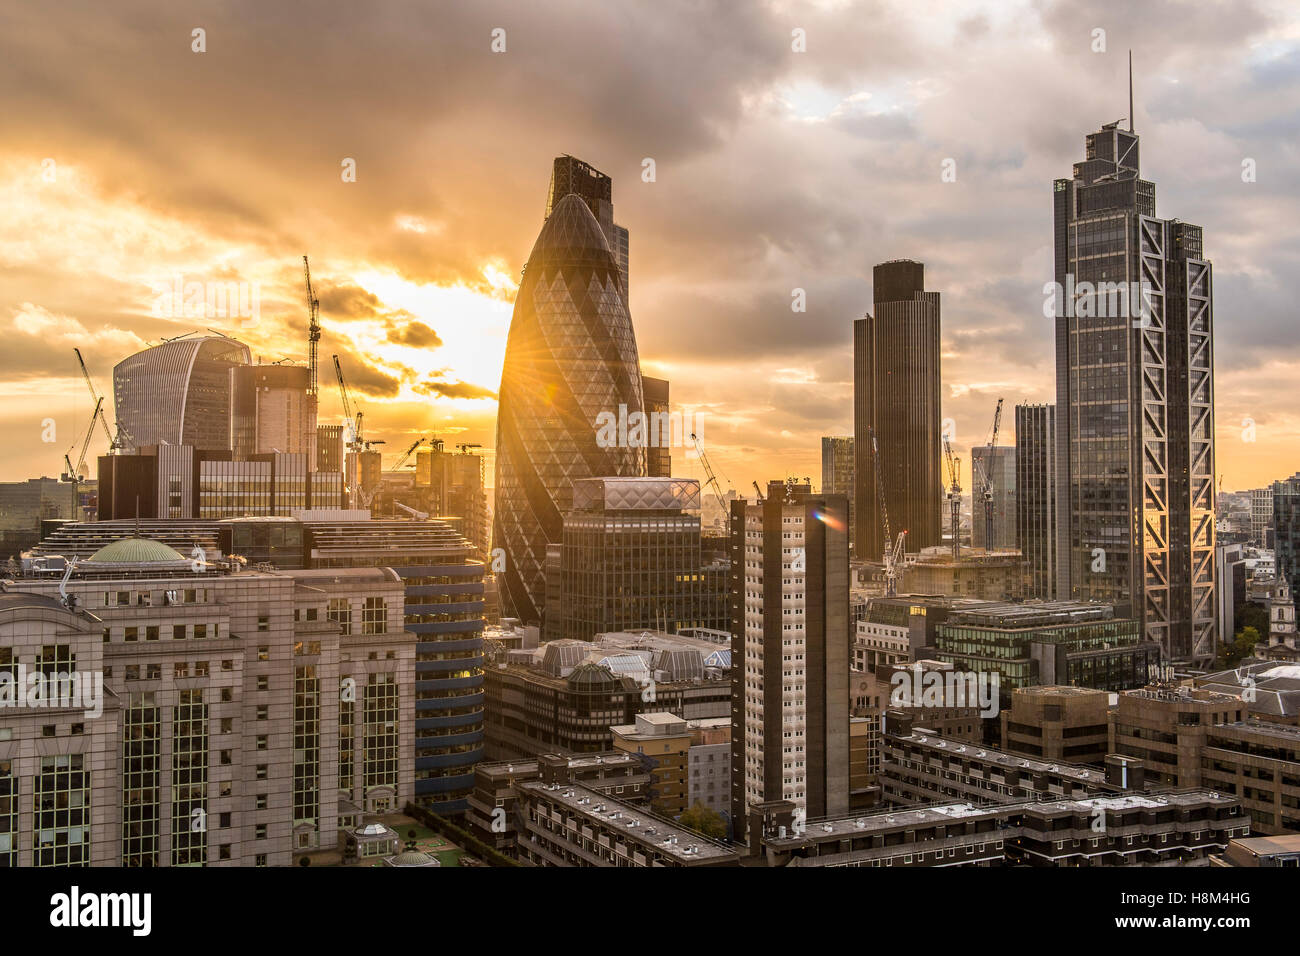 Una skyline di Londra, cityscape, alto, grattacielo, il Gherkin, torre 42, Heron Tower, notte, crepuscolo cittã Immagini Stock